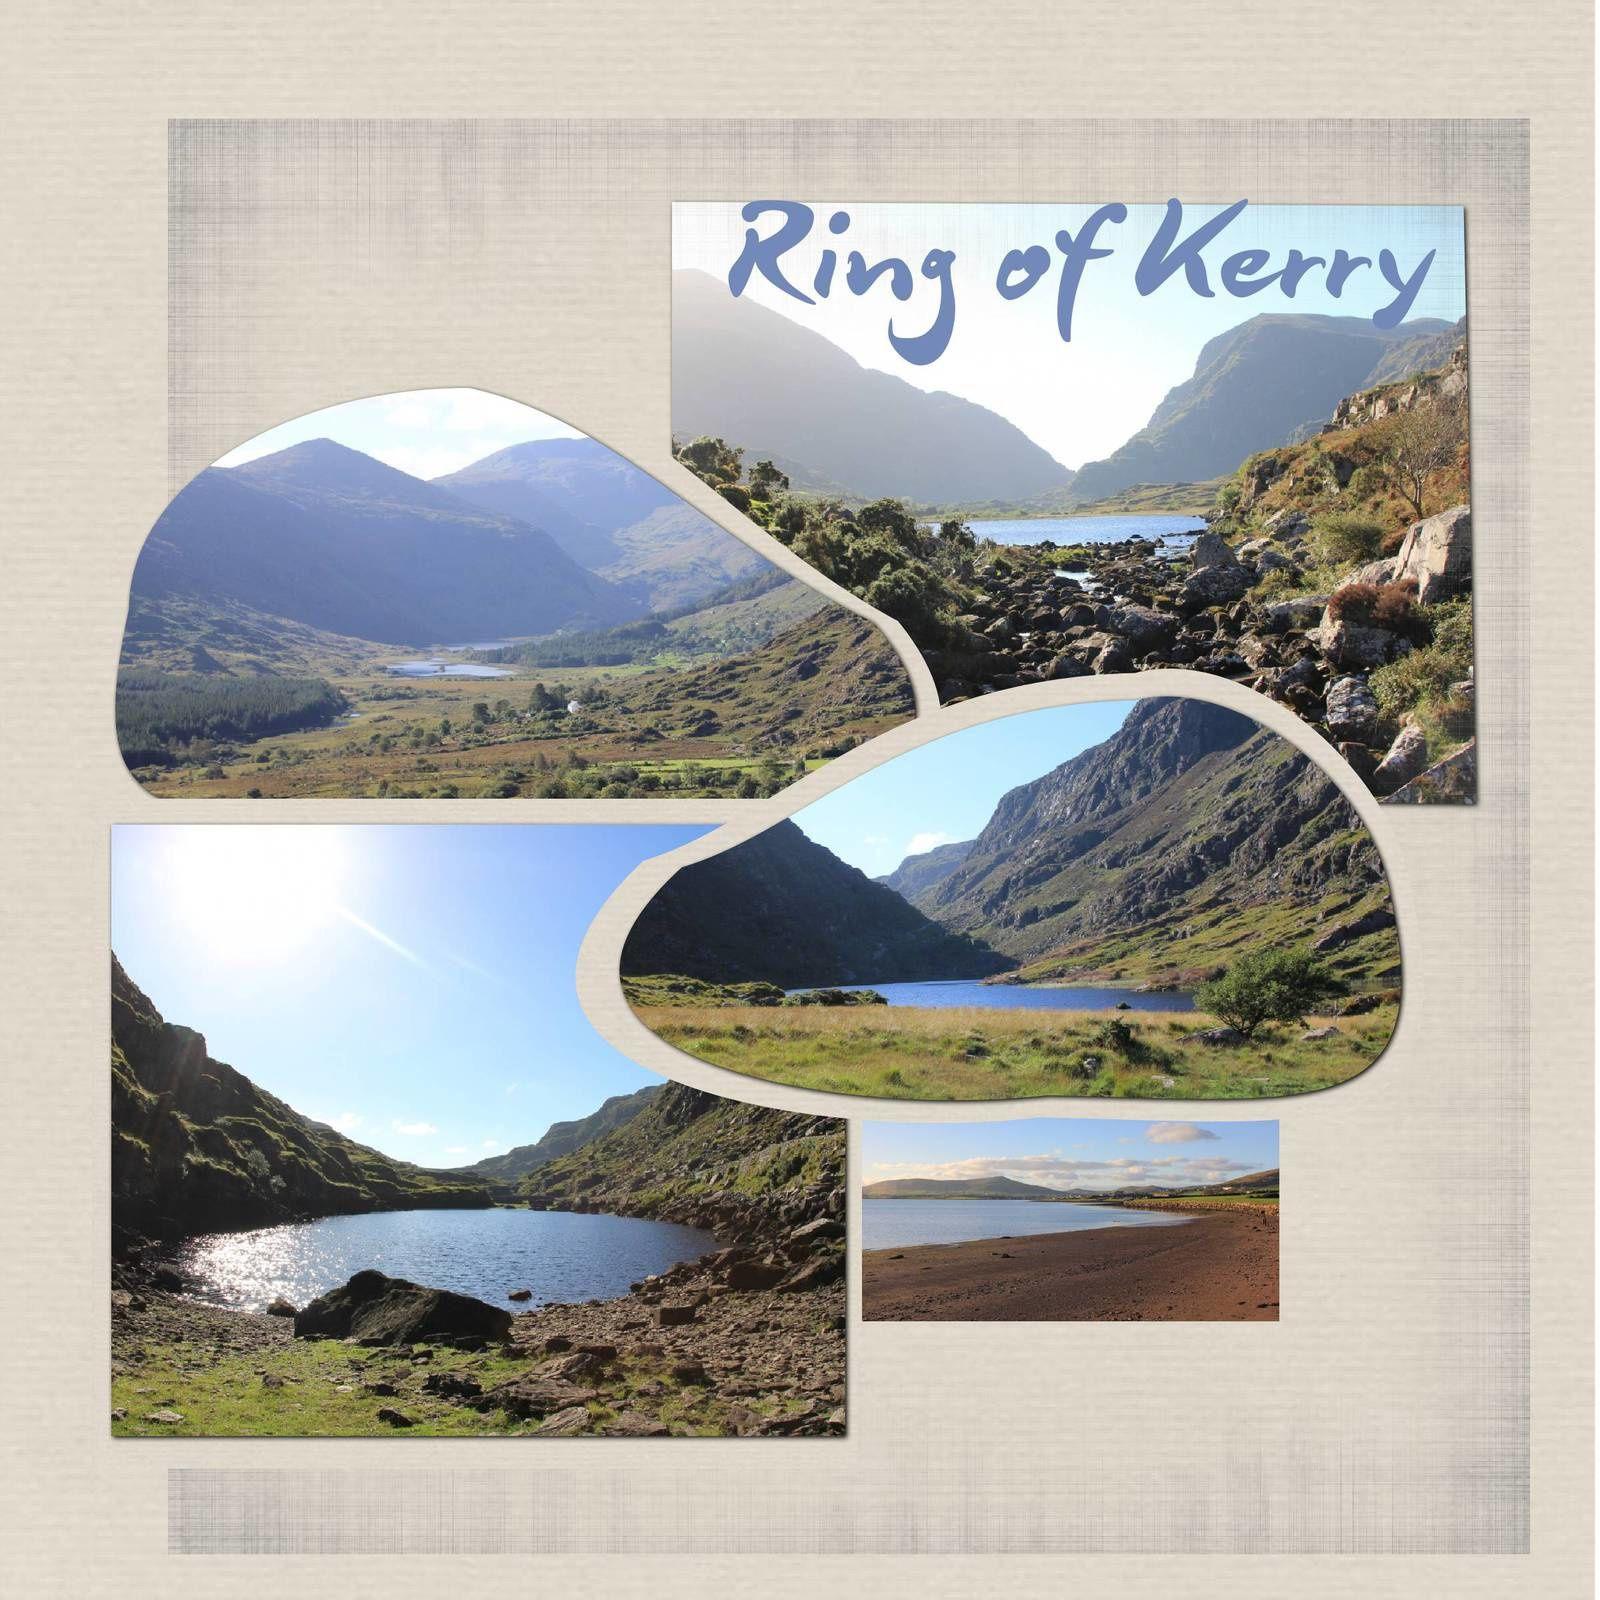 l'anneau de Kerry et Killarney